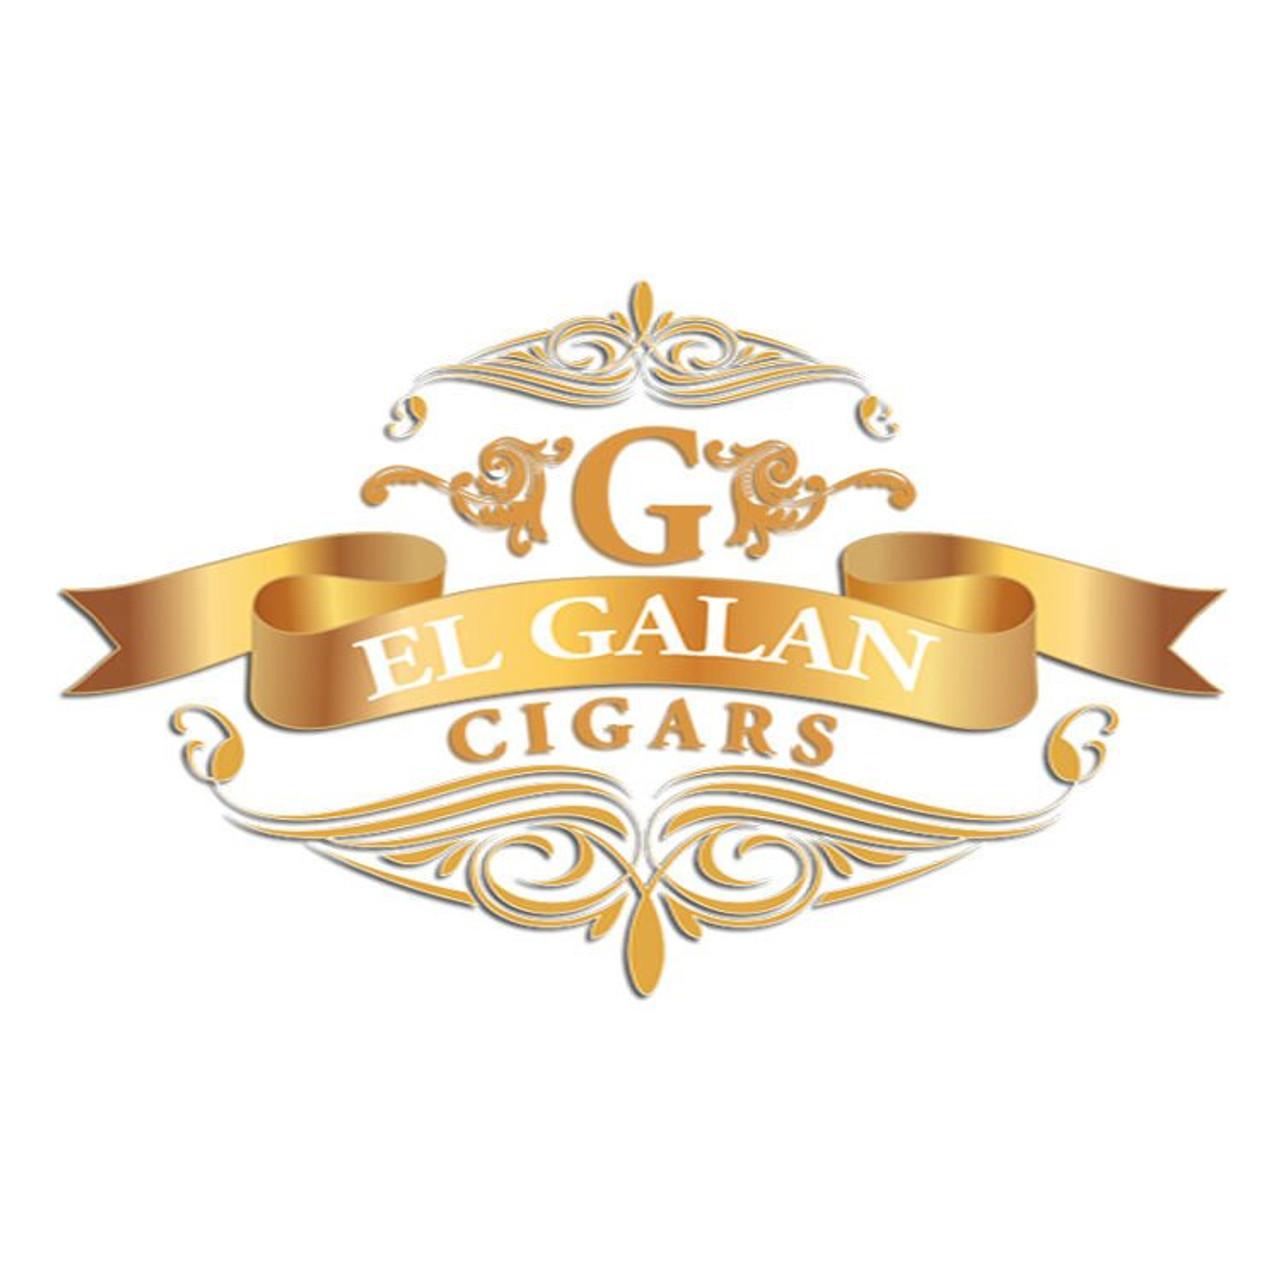 El Galan Campestre Double Corona Maduro Cigars - 7.5 x 50 (Bundle of 20)